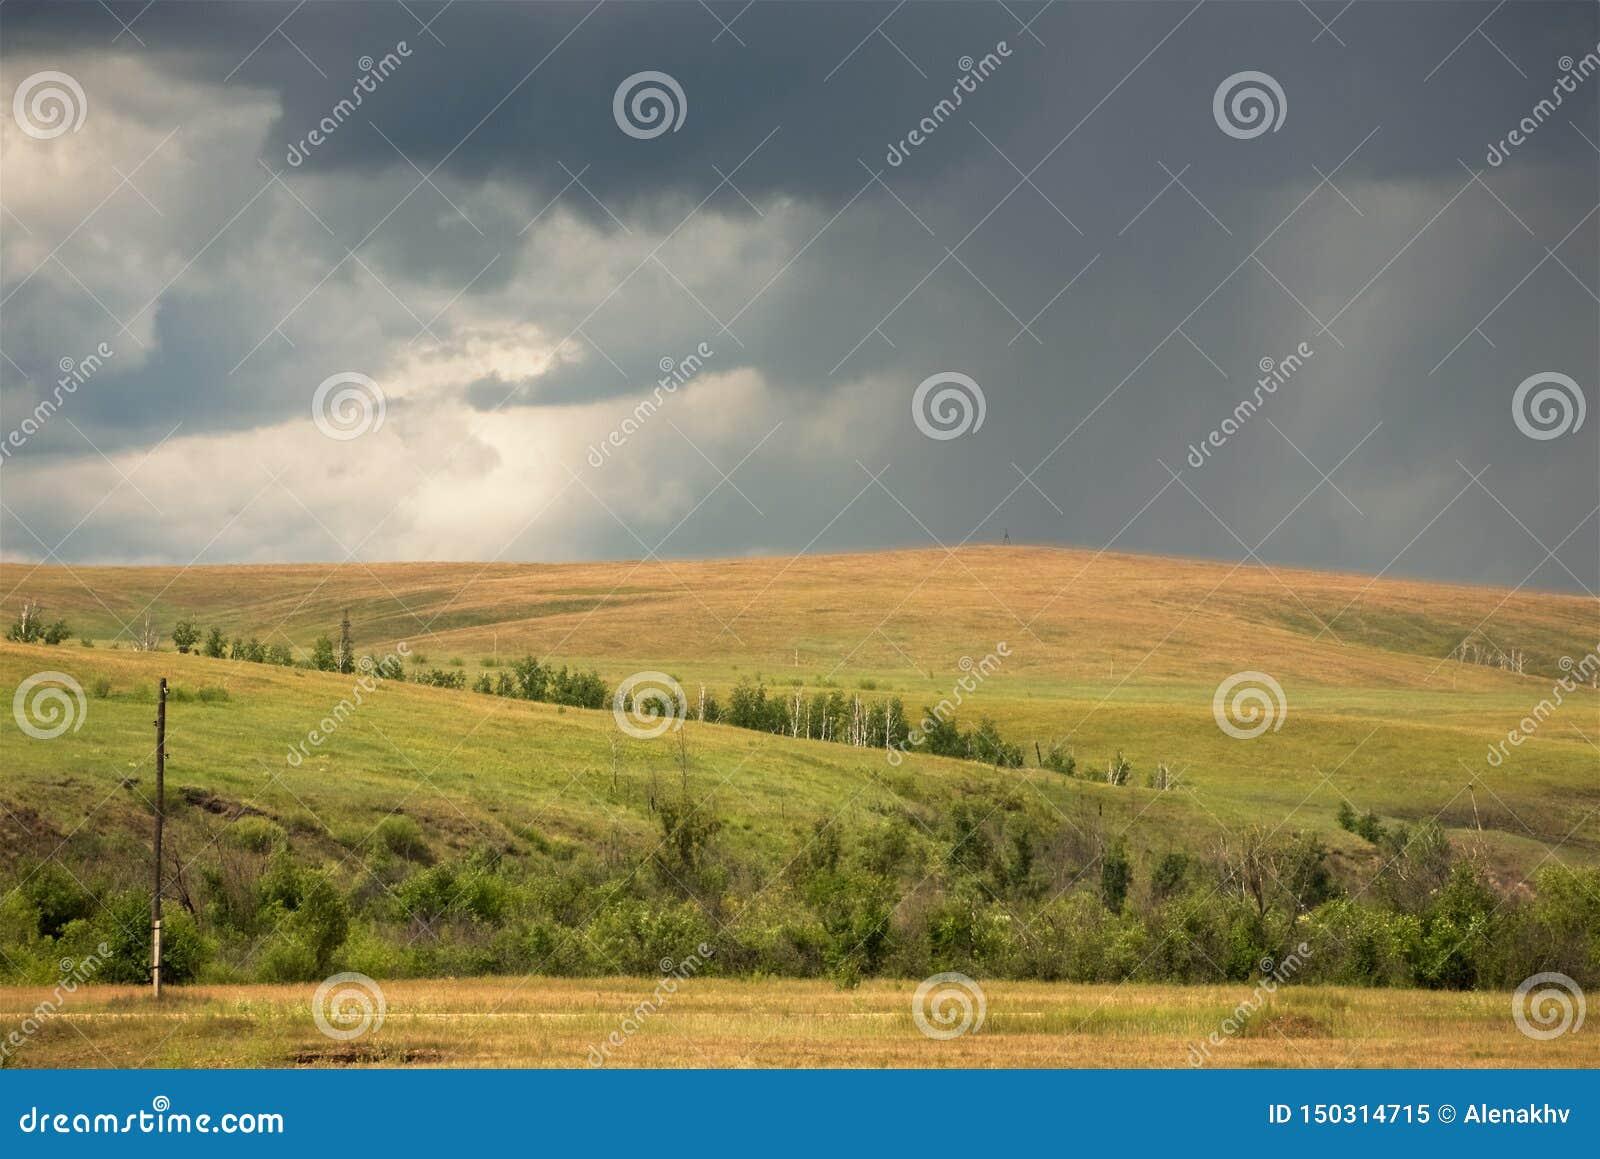 Líneas tempestuosas grises del cielo y de la lluvia sobre campos amarillos